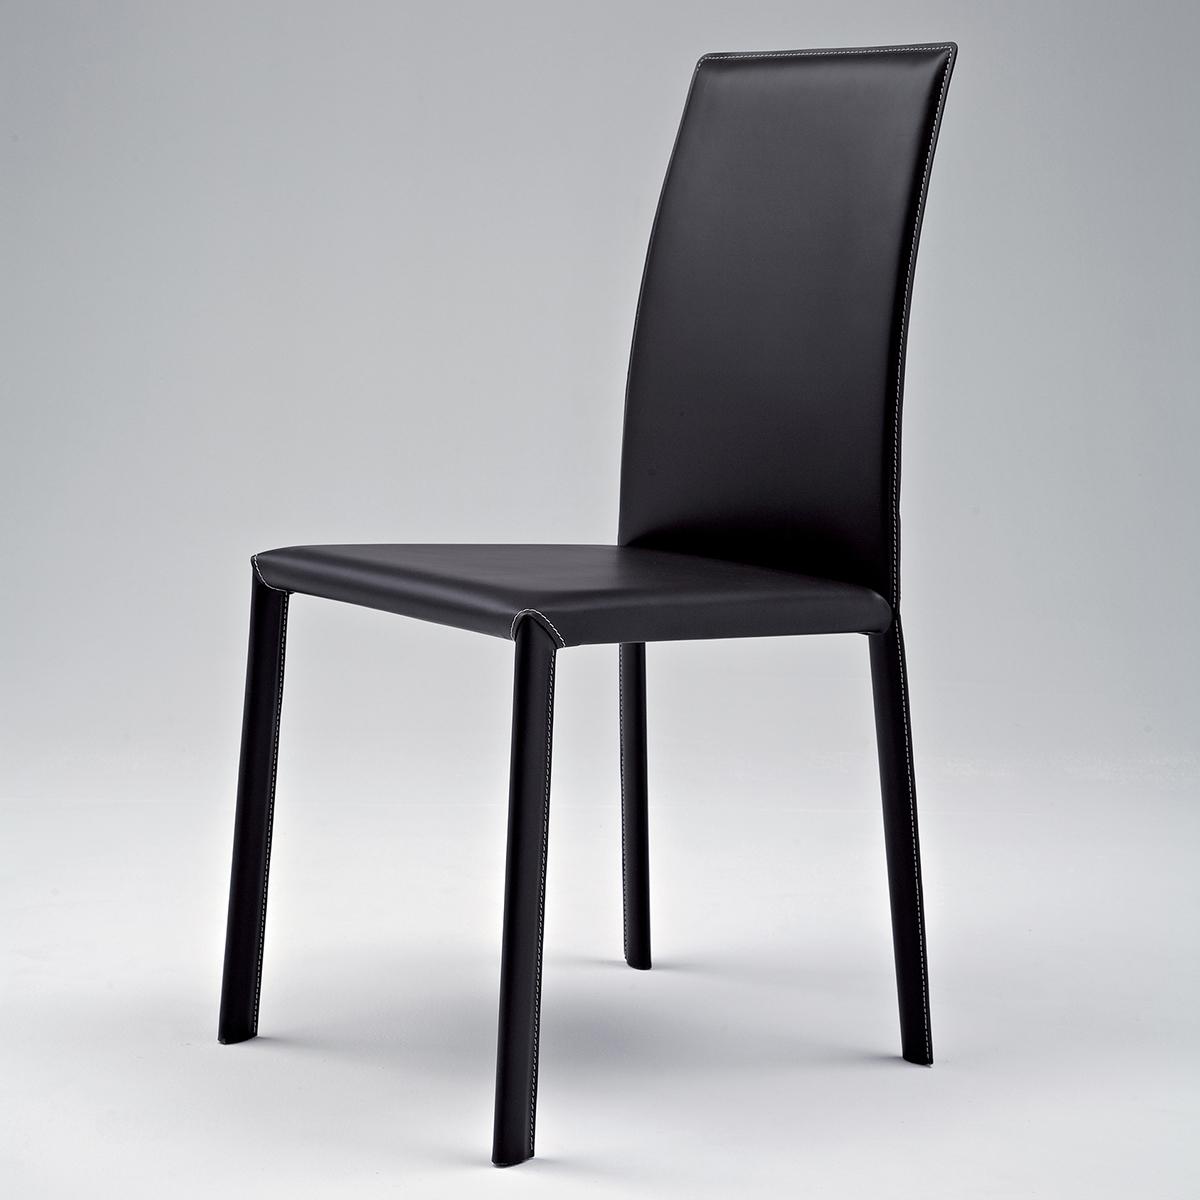 Rio sedia contemporanea e confortevole in cuoio for Cuoio arredo